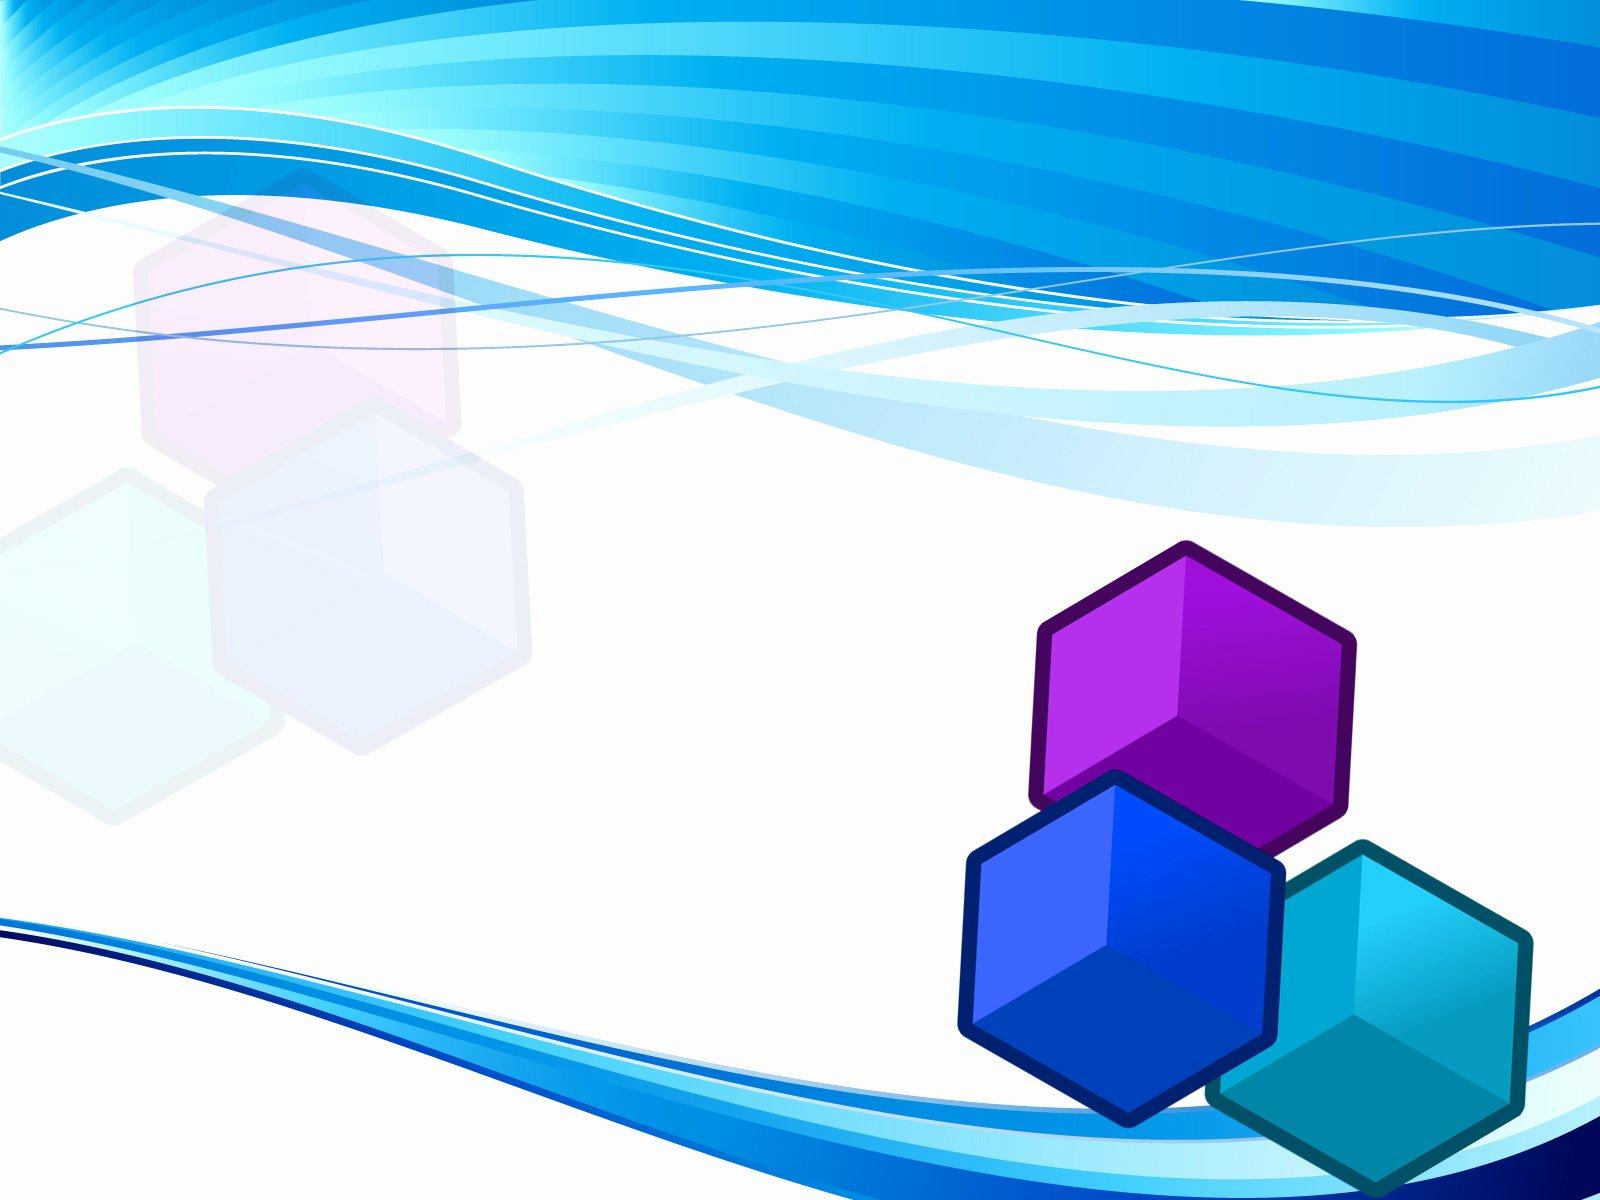 Blue Cube Backgrounds 3d Blue Templates